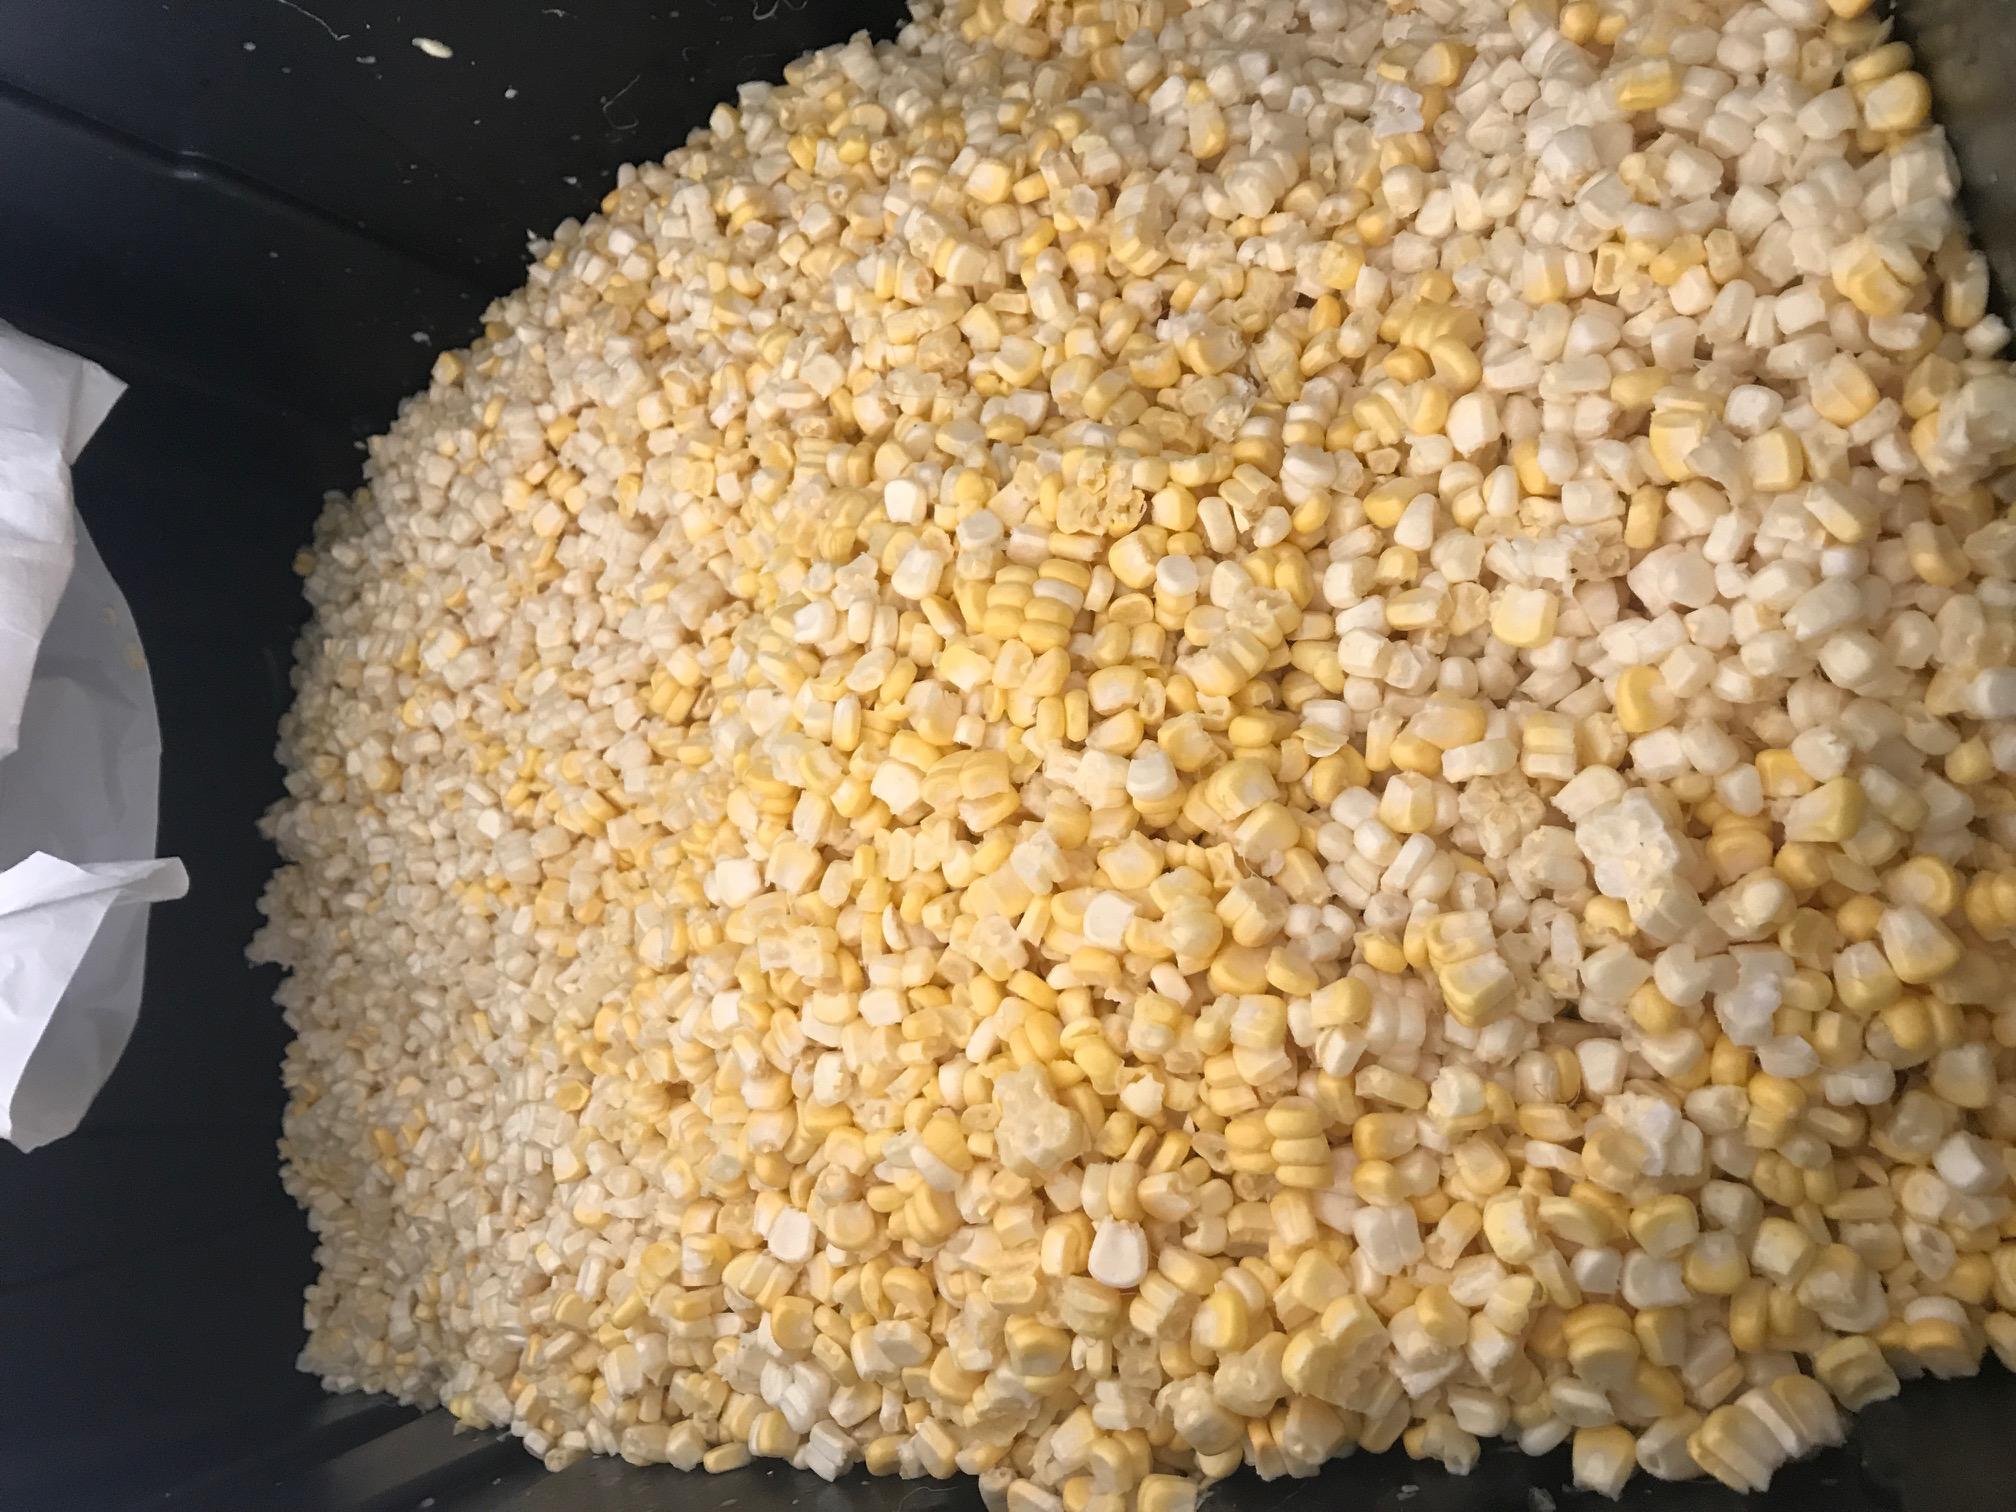 Non-GMO White Corn